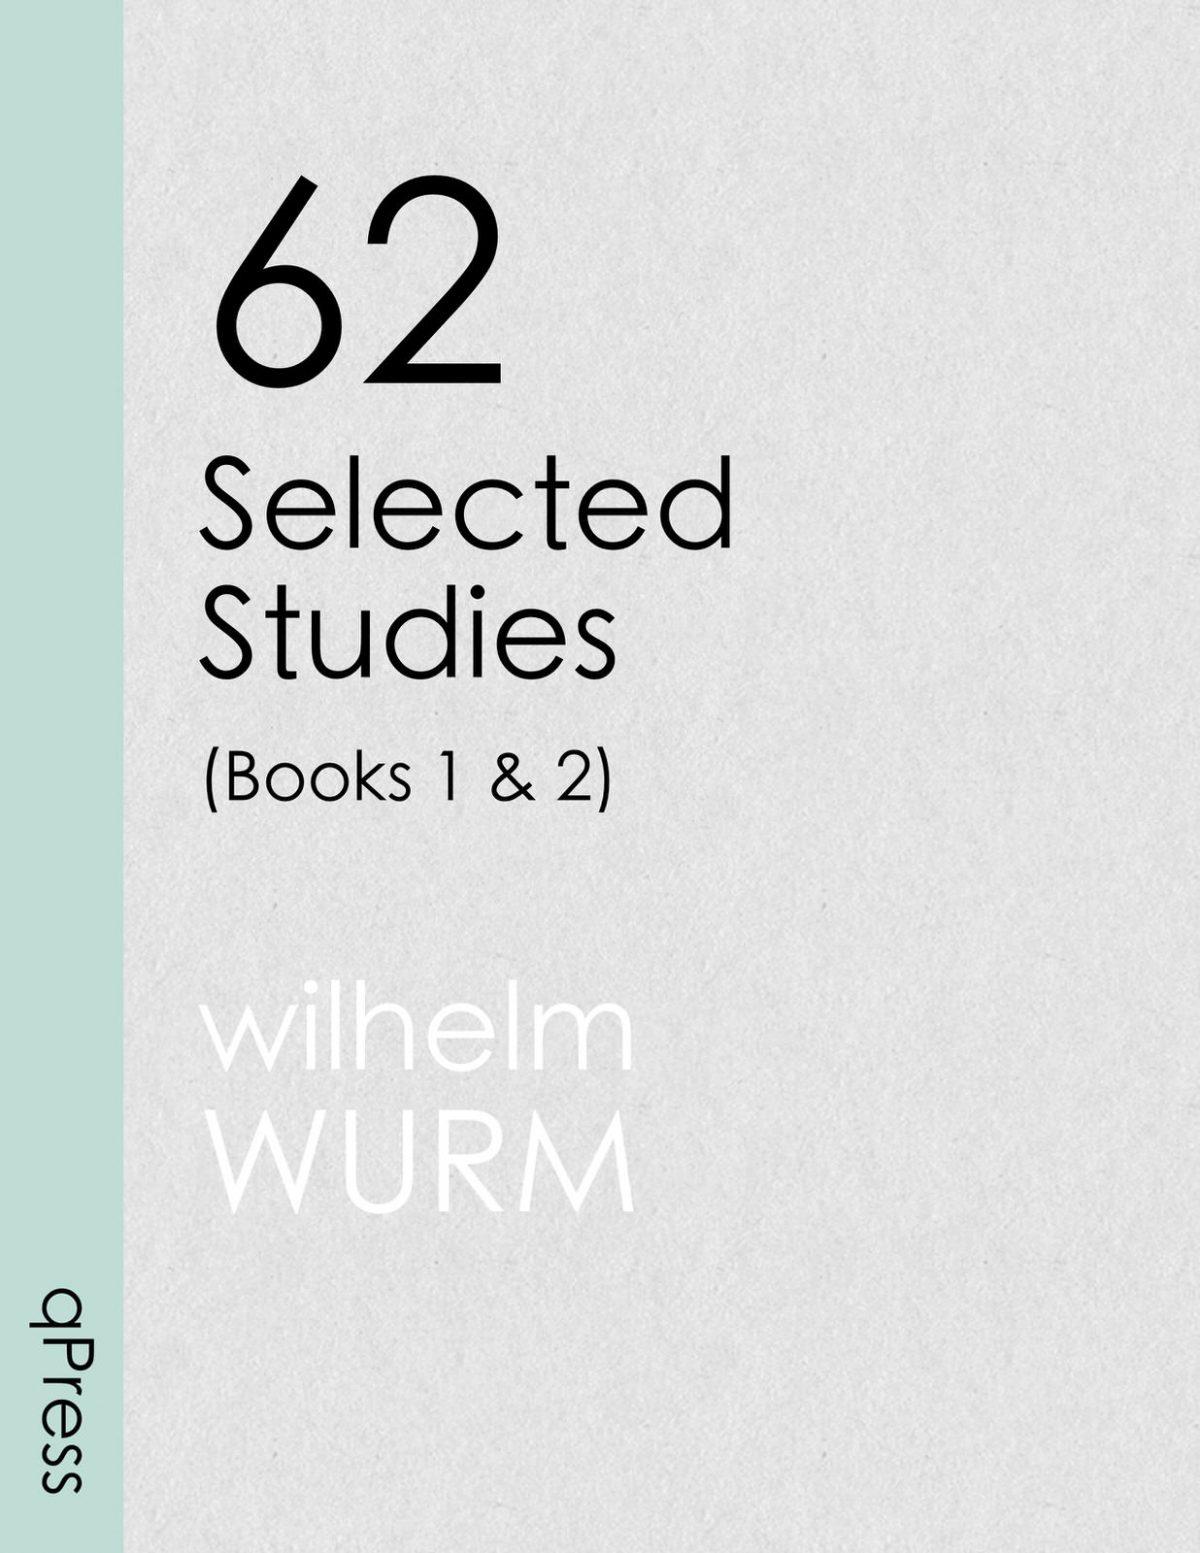 62 studies featured